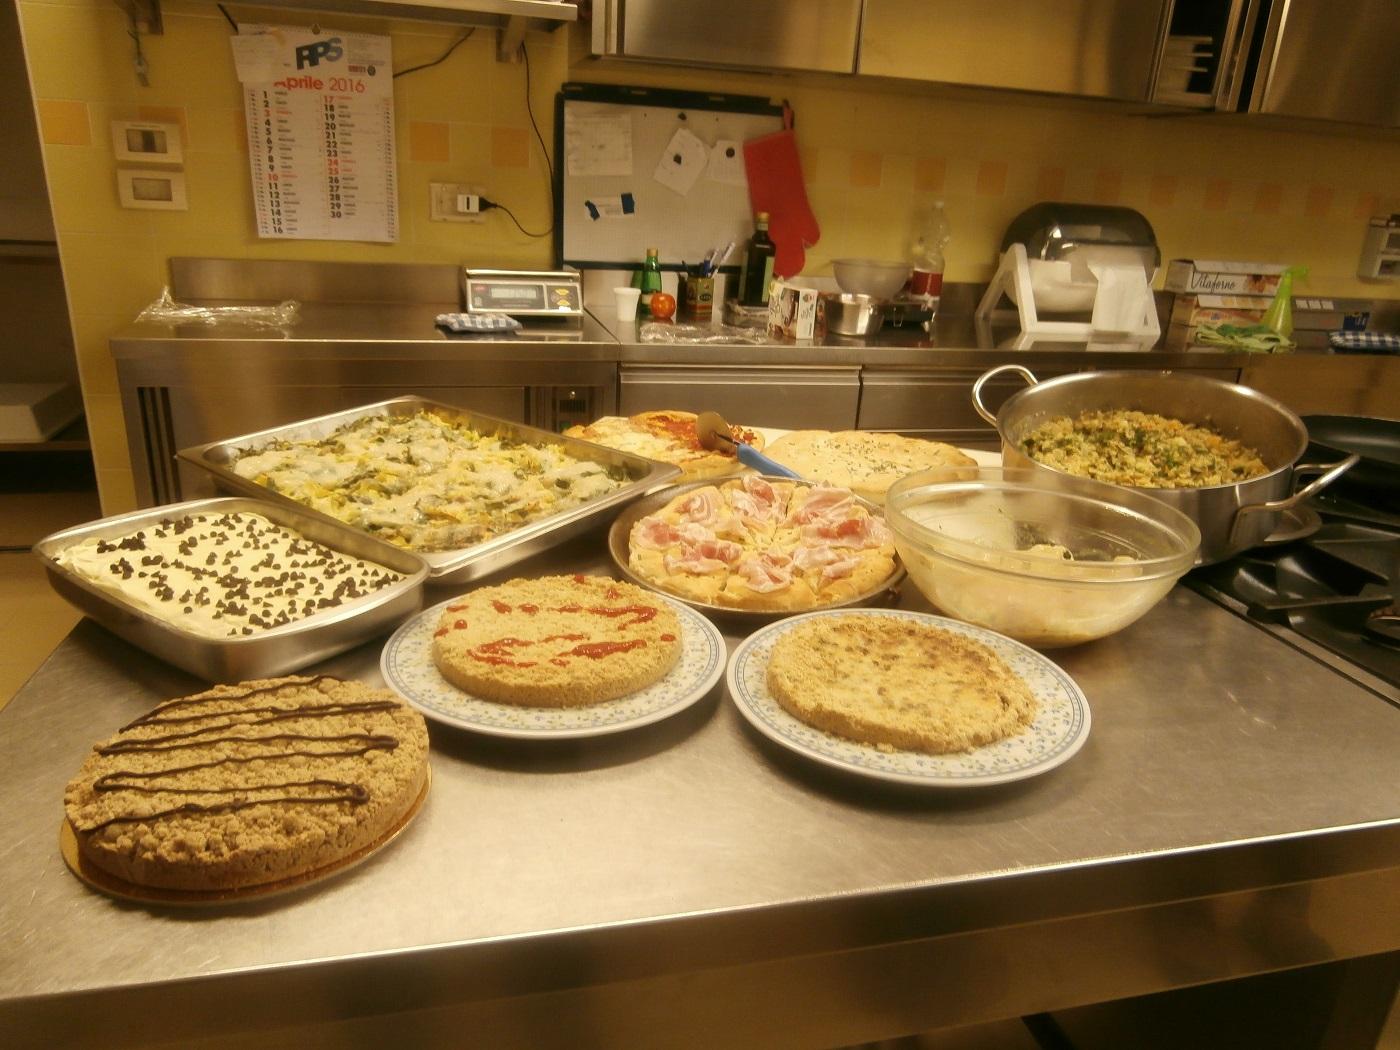 Alba una serata tra i fornelli per i bimbi dell asilo - Cucina senza fornelli ...